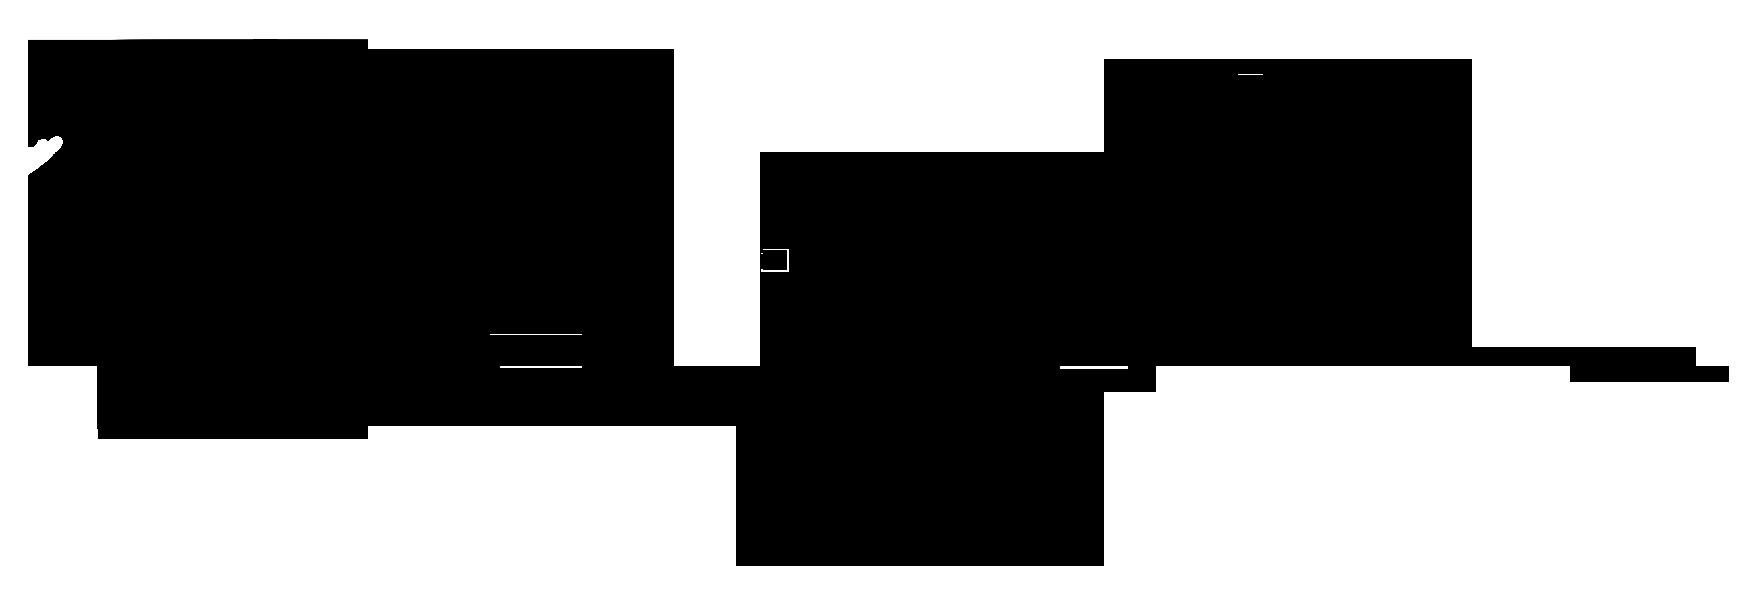 Phirun Roeun Signature